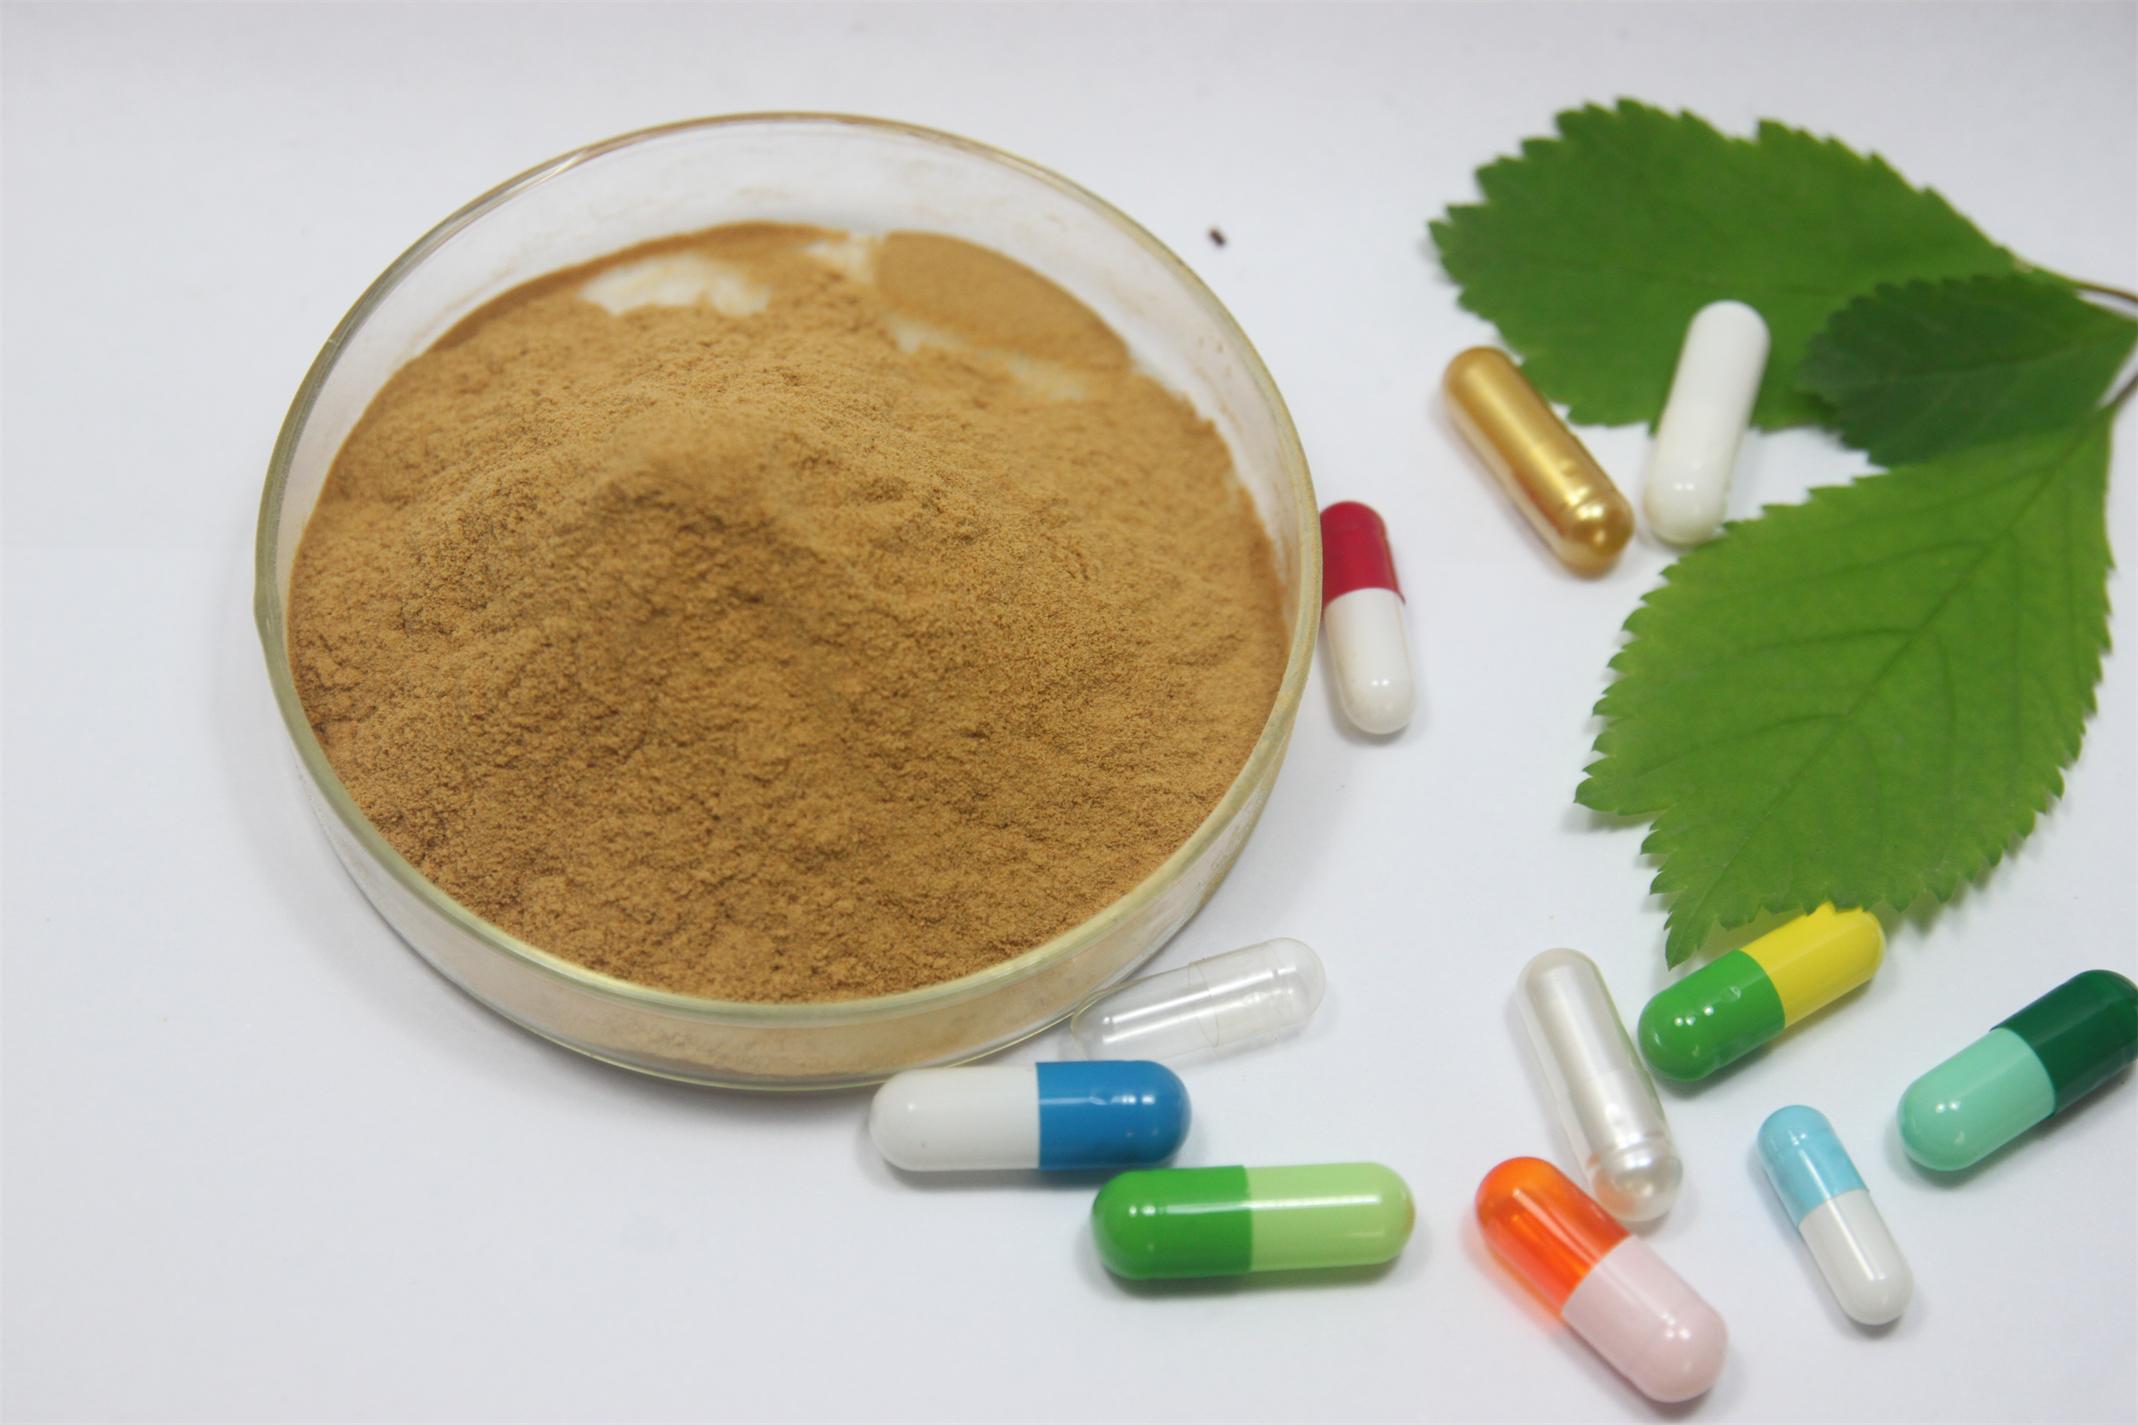 GMP, экстракт зеленого чая порошок с egcg для Вес веса таблетки для метаболизма boost и здоровья сердца 1000 грамм(China (Mainland))